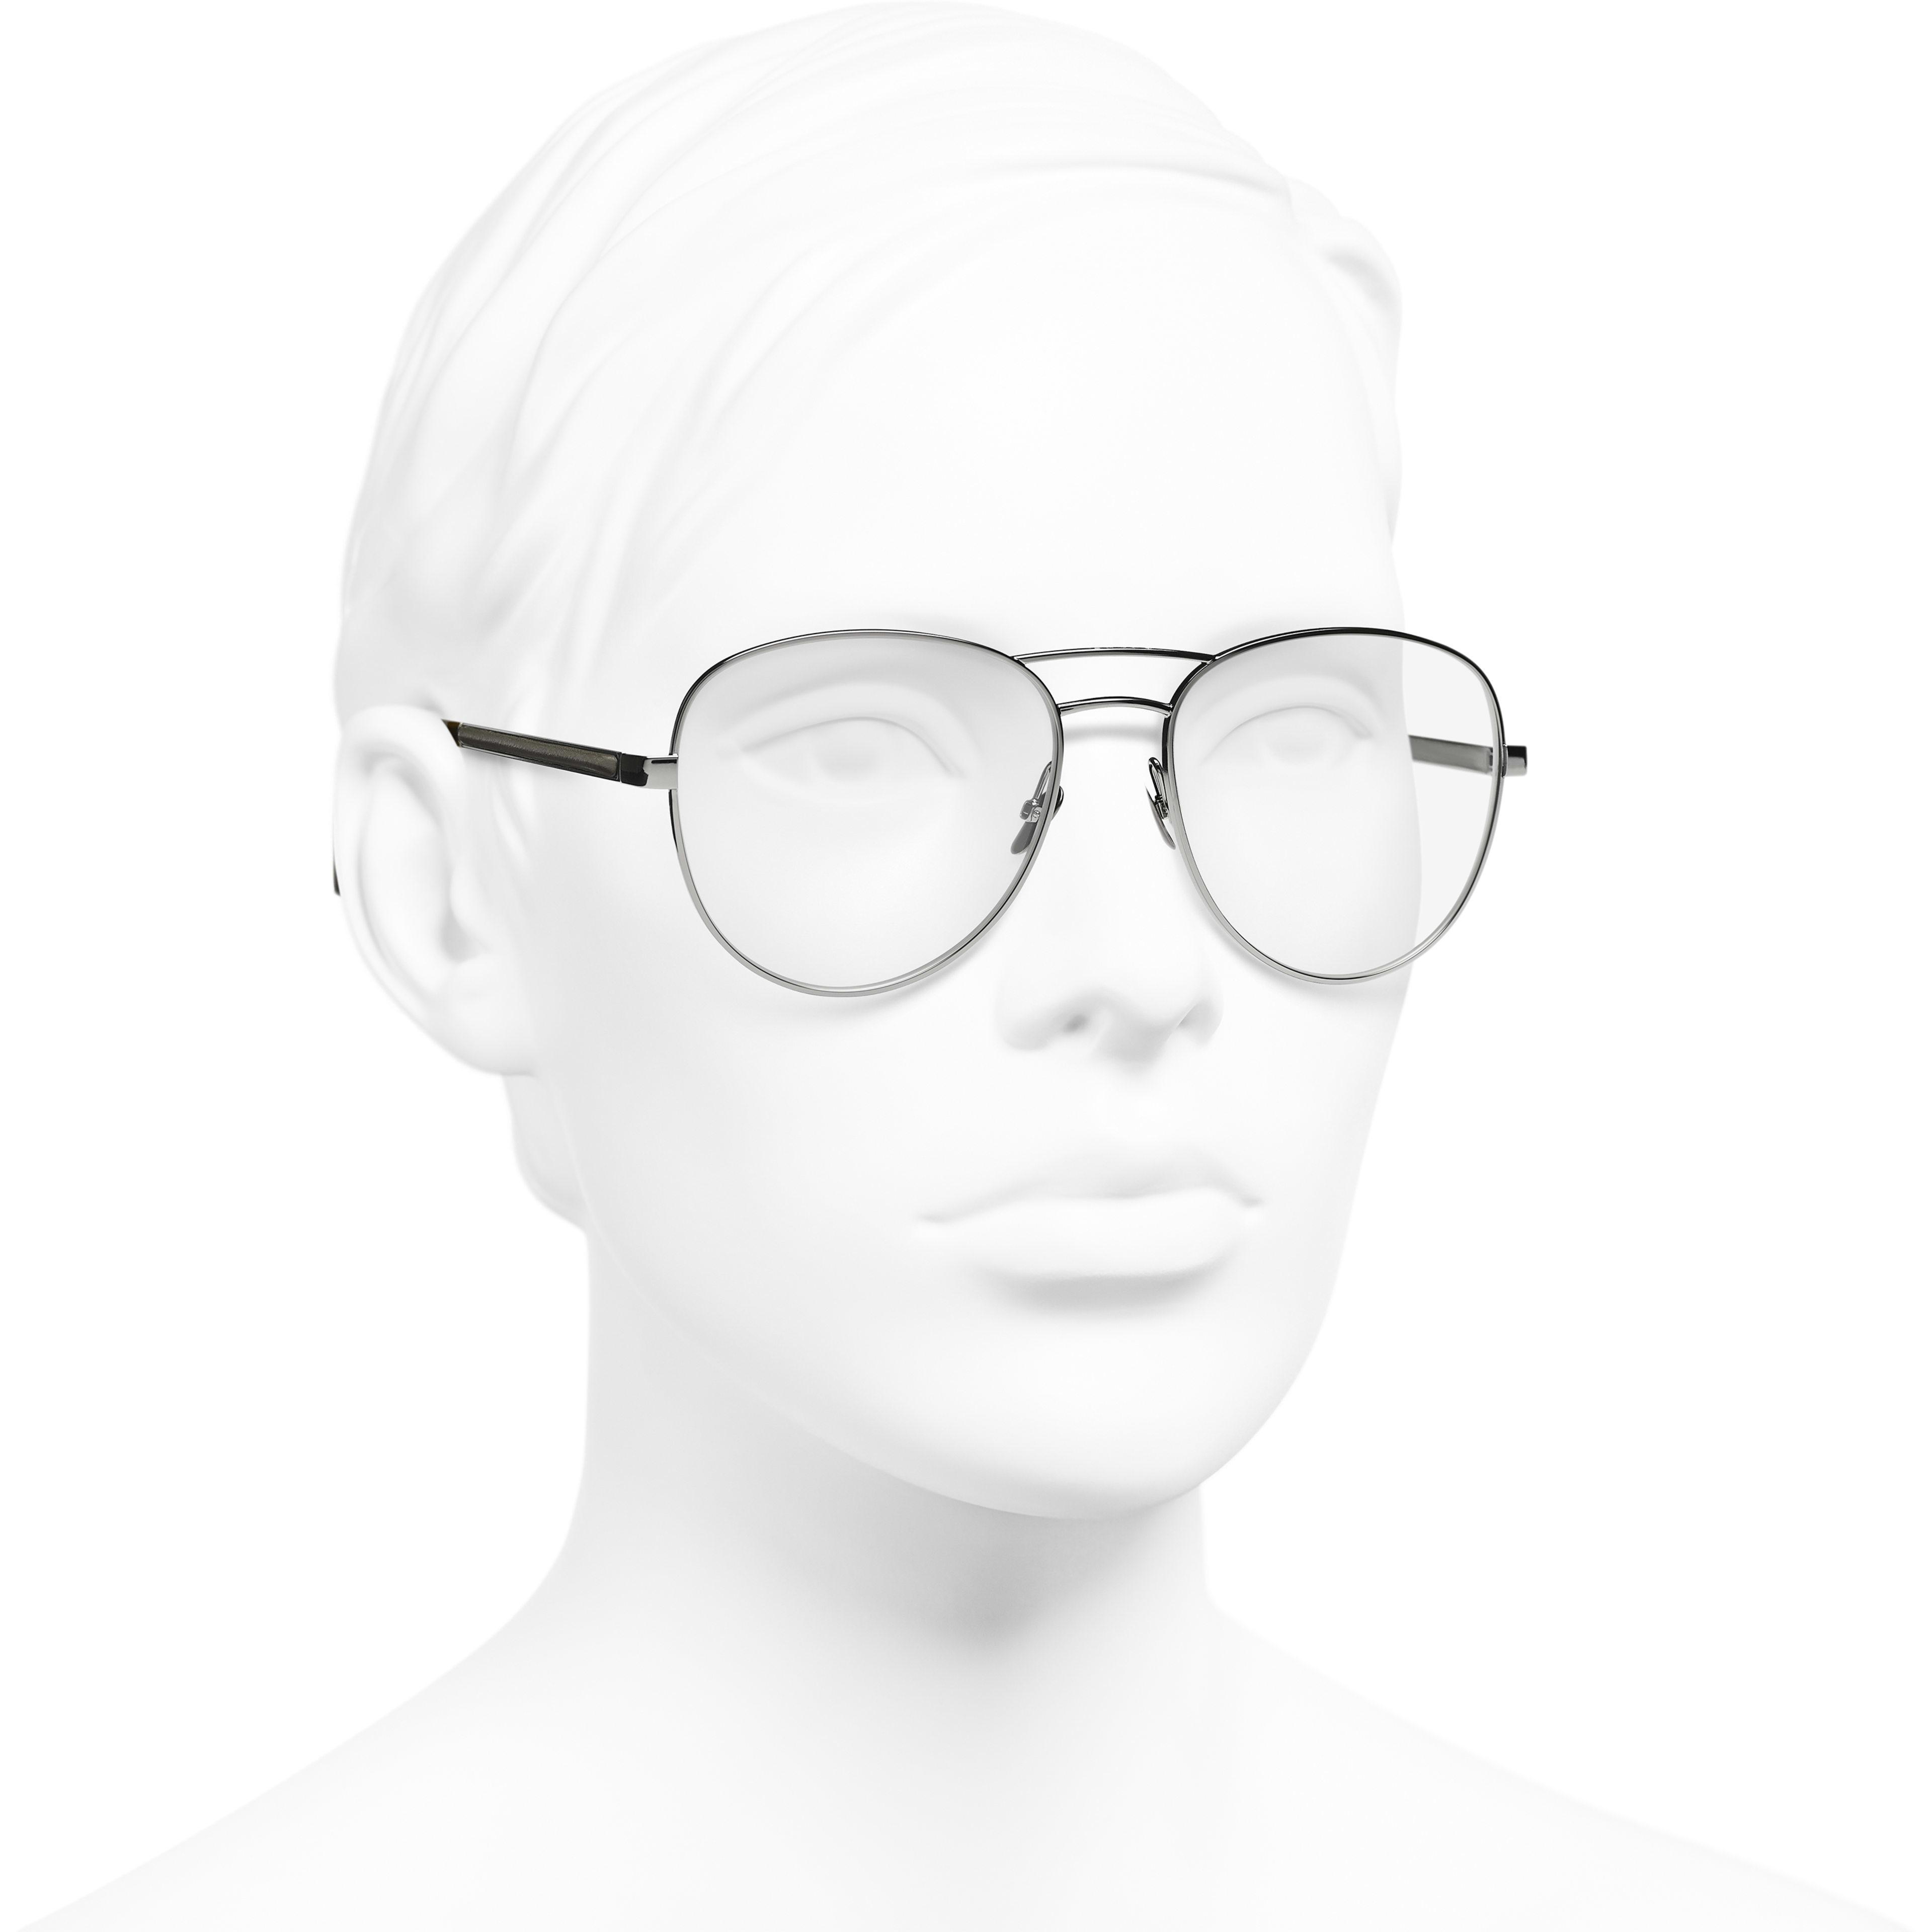 Gafas estilo piloto - Plateado oscuro y caqui - Acetato y piel de ternera - CHANEL - Vista de medio perfil del producto puesto - ver la versión tamaño estándar